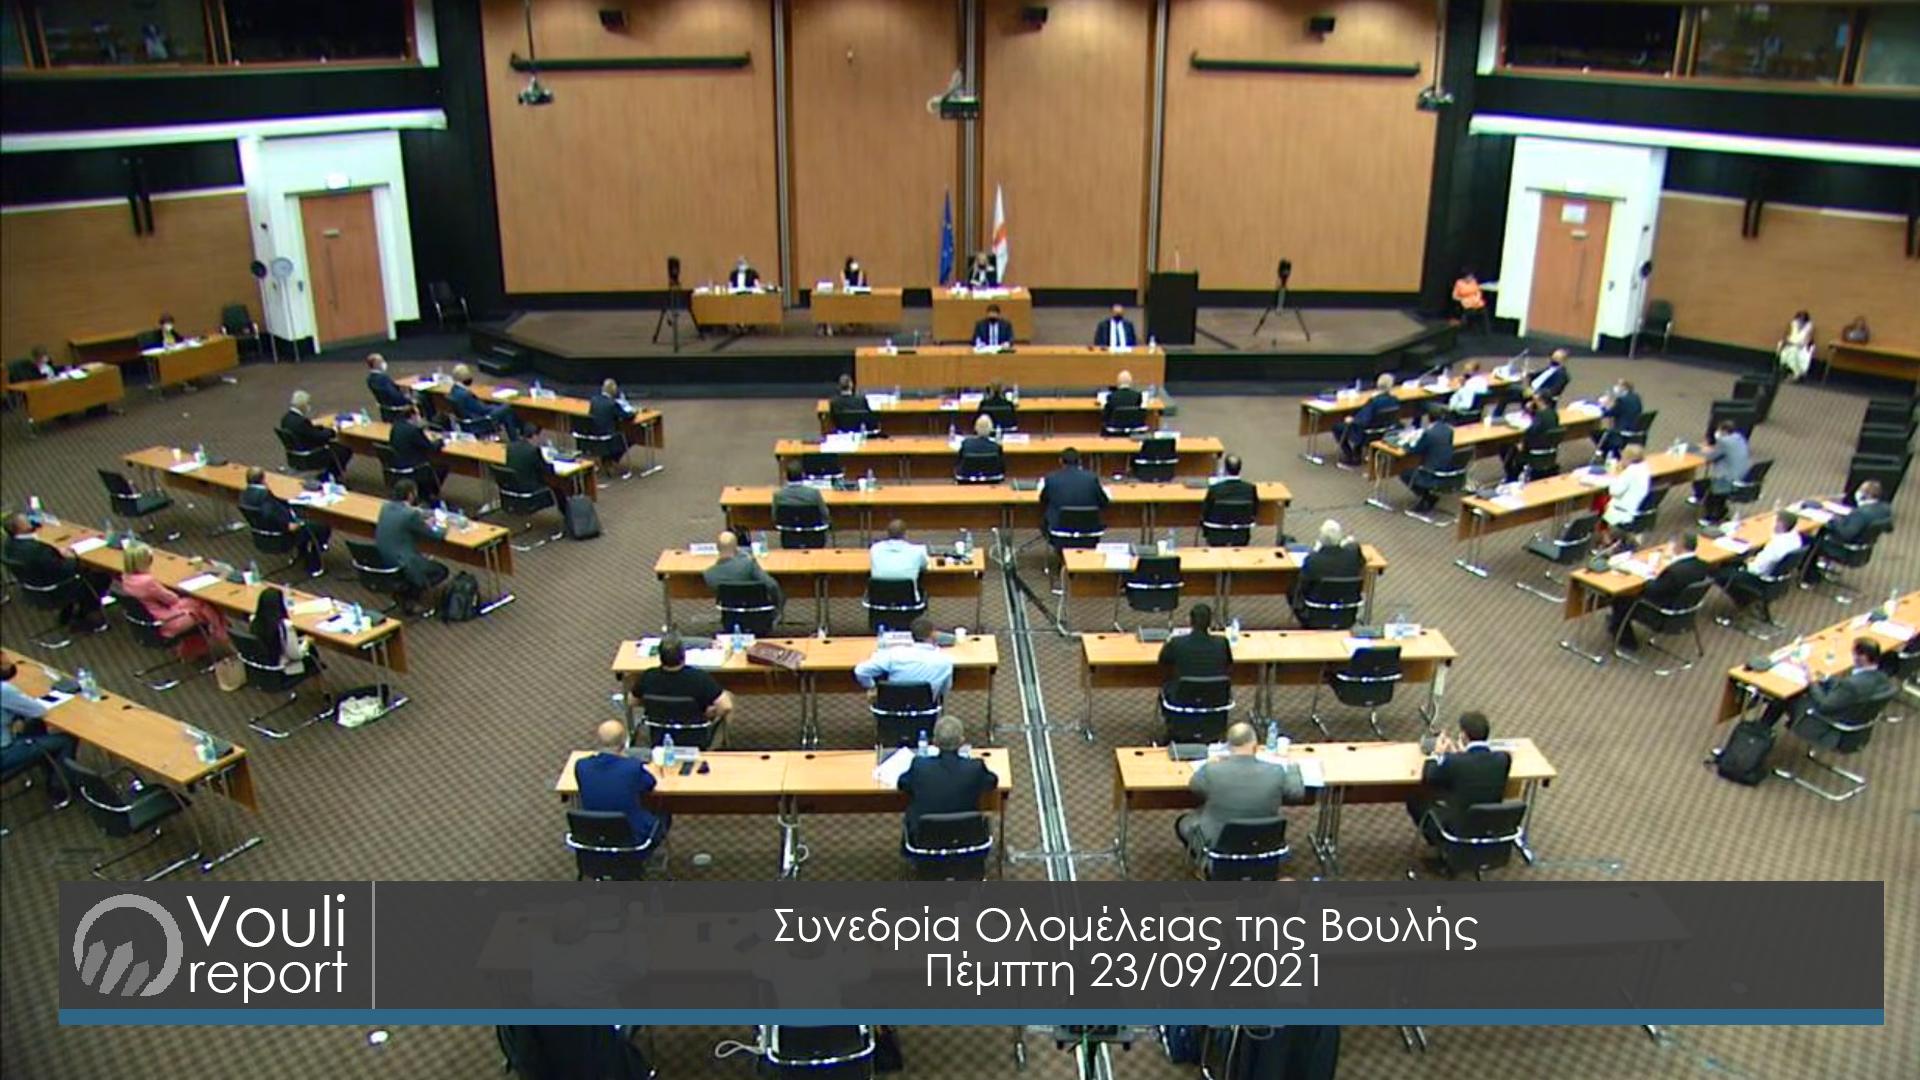 Συνεδρία Ολομέλειας της Βουλής | 23/09/2021